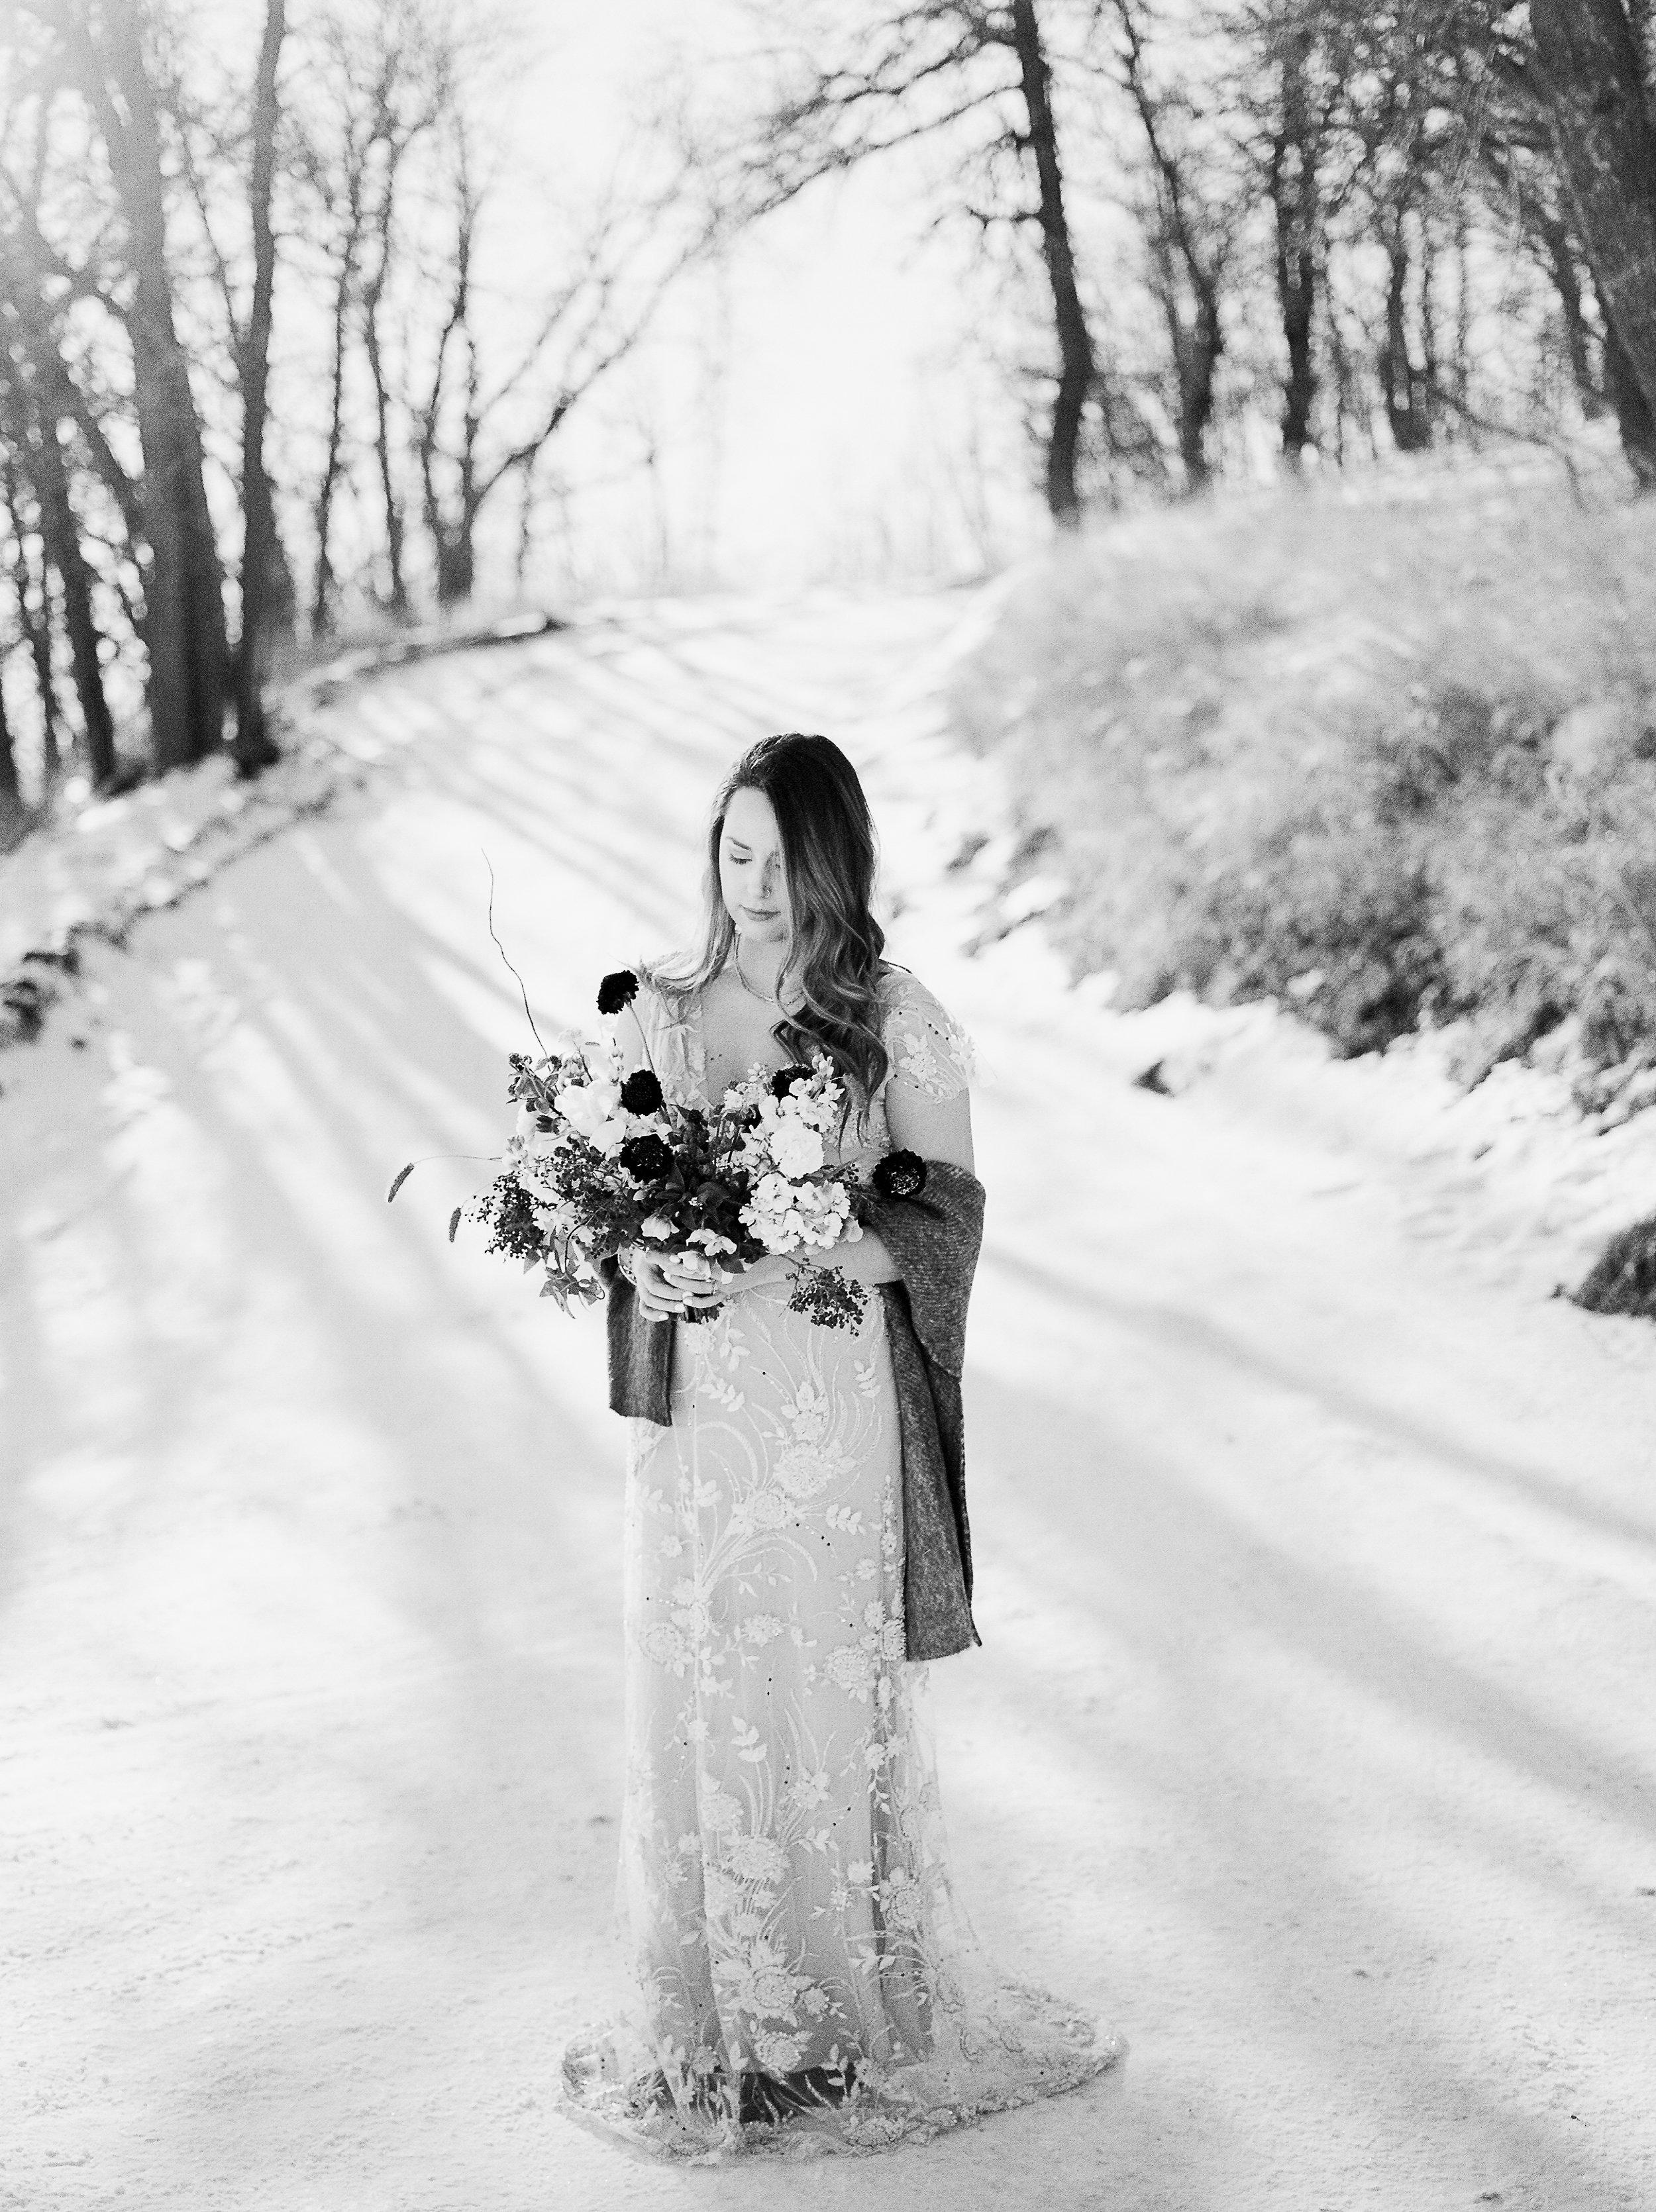 WinterStyledShoot-KMP014.JPG